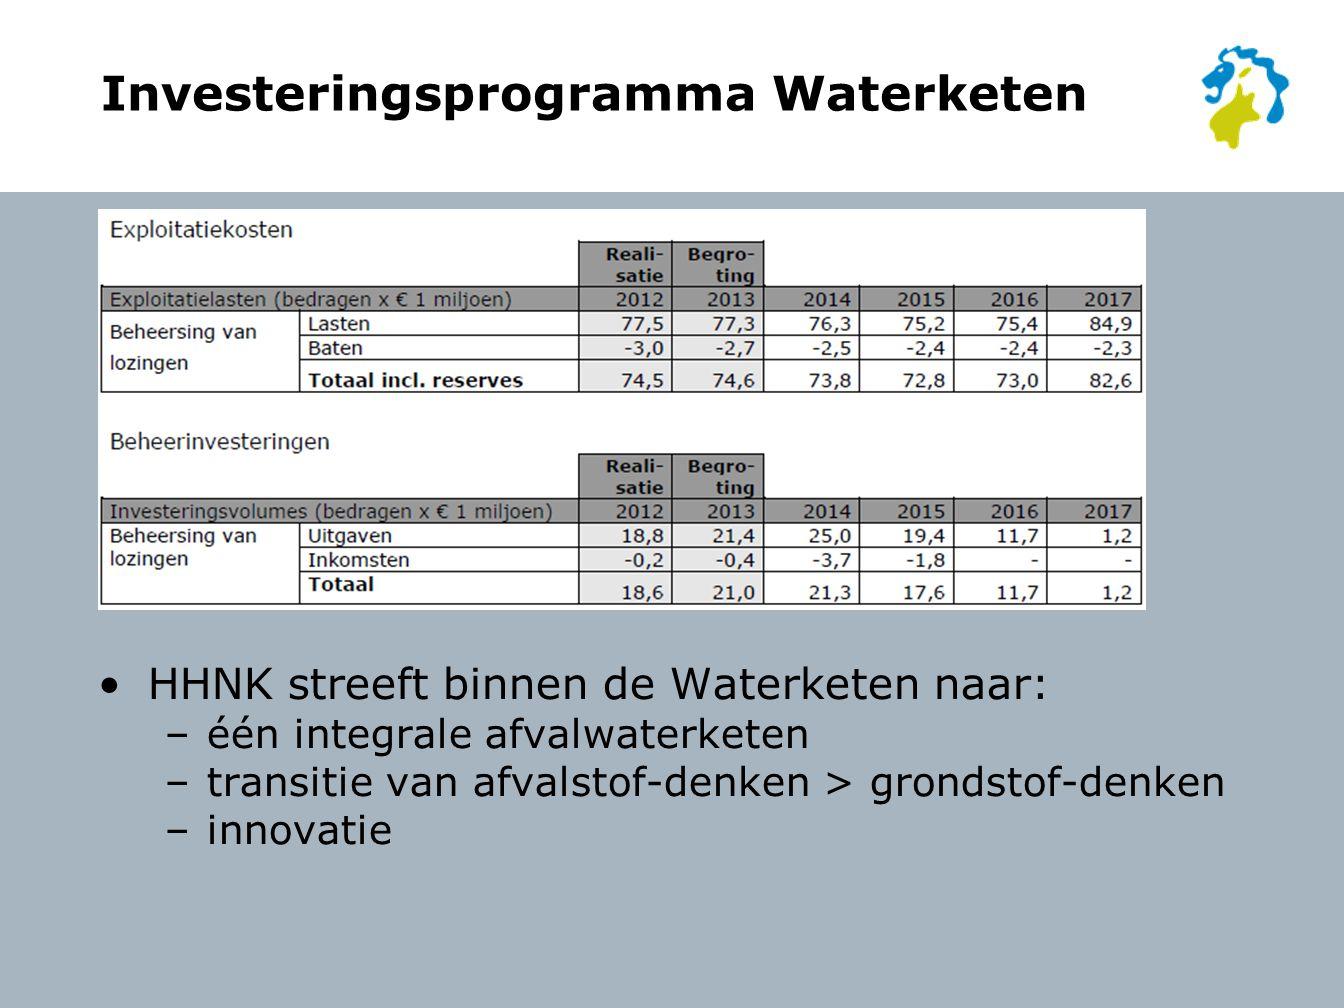 Investeringsprogramma Waterketen HHNK streeft binnen de Waterketen naar: –één integrale afvalwaterketen –transitie van afvalstof-denken > grondstof-denken –innovatie